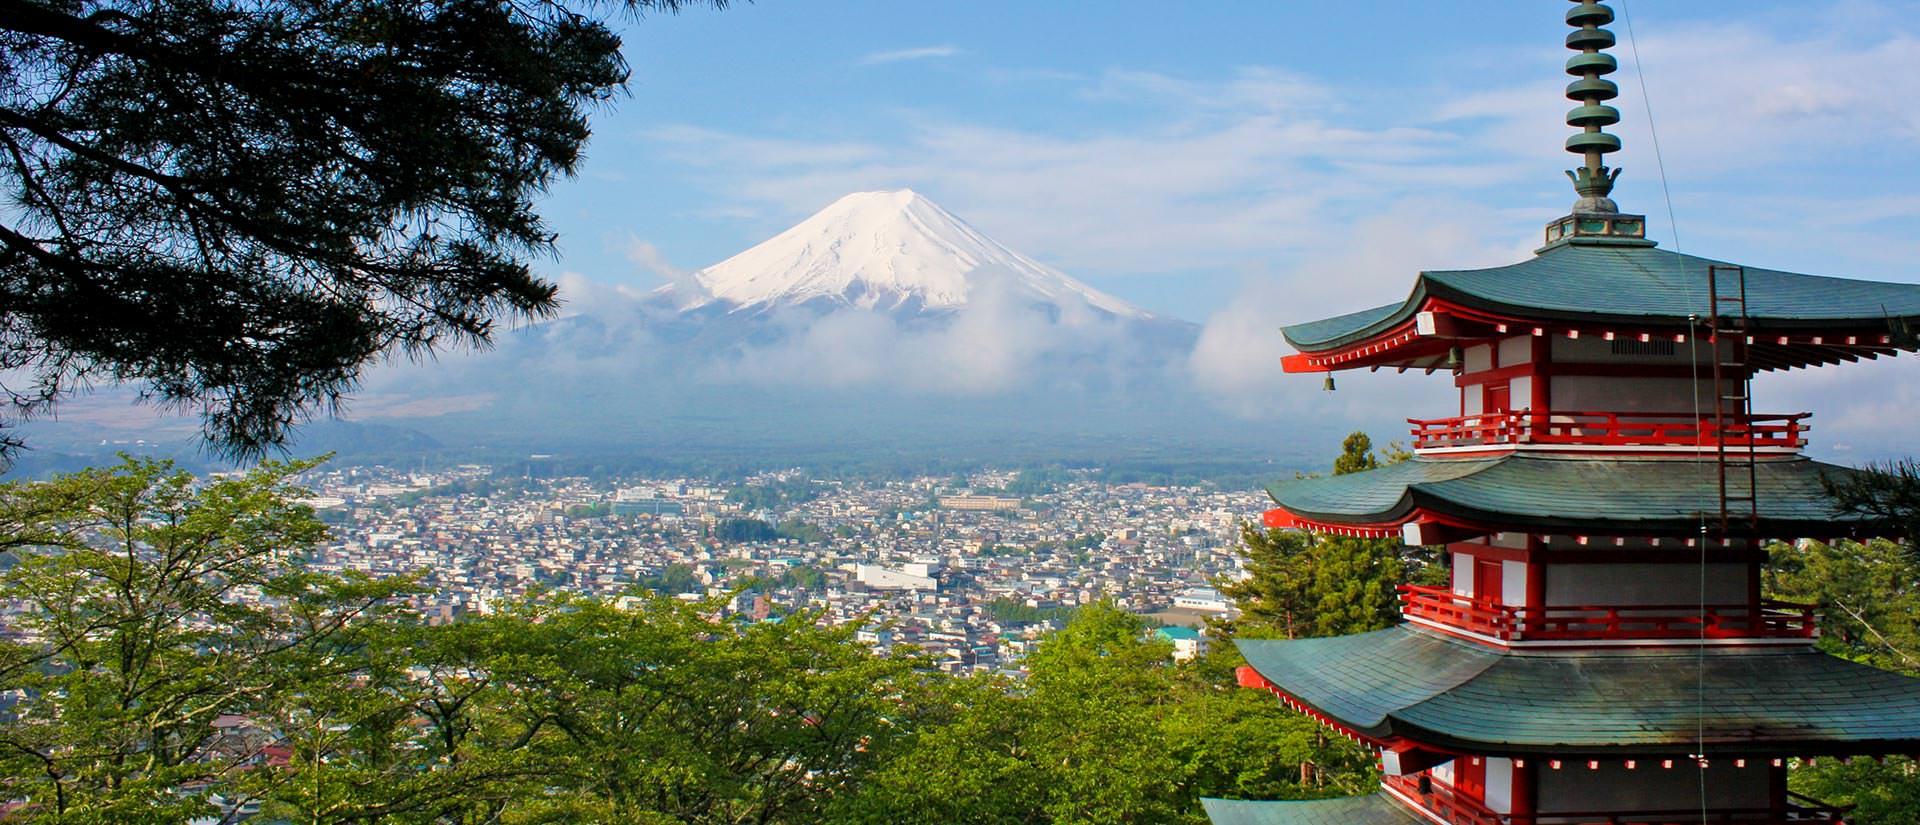 תצפית על הר פוג'י, יפן